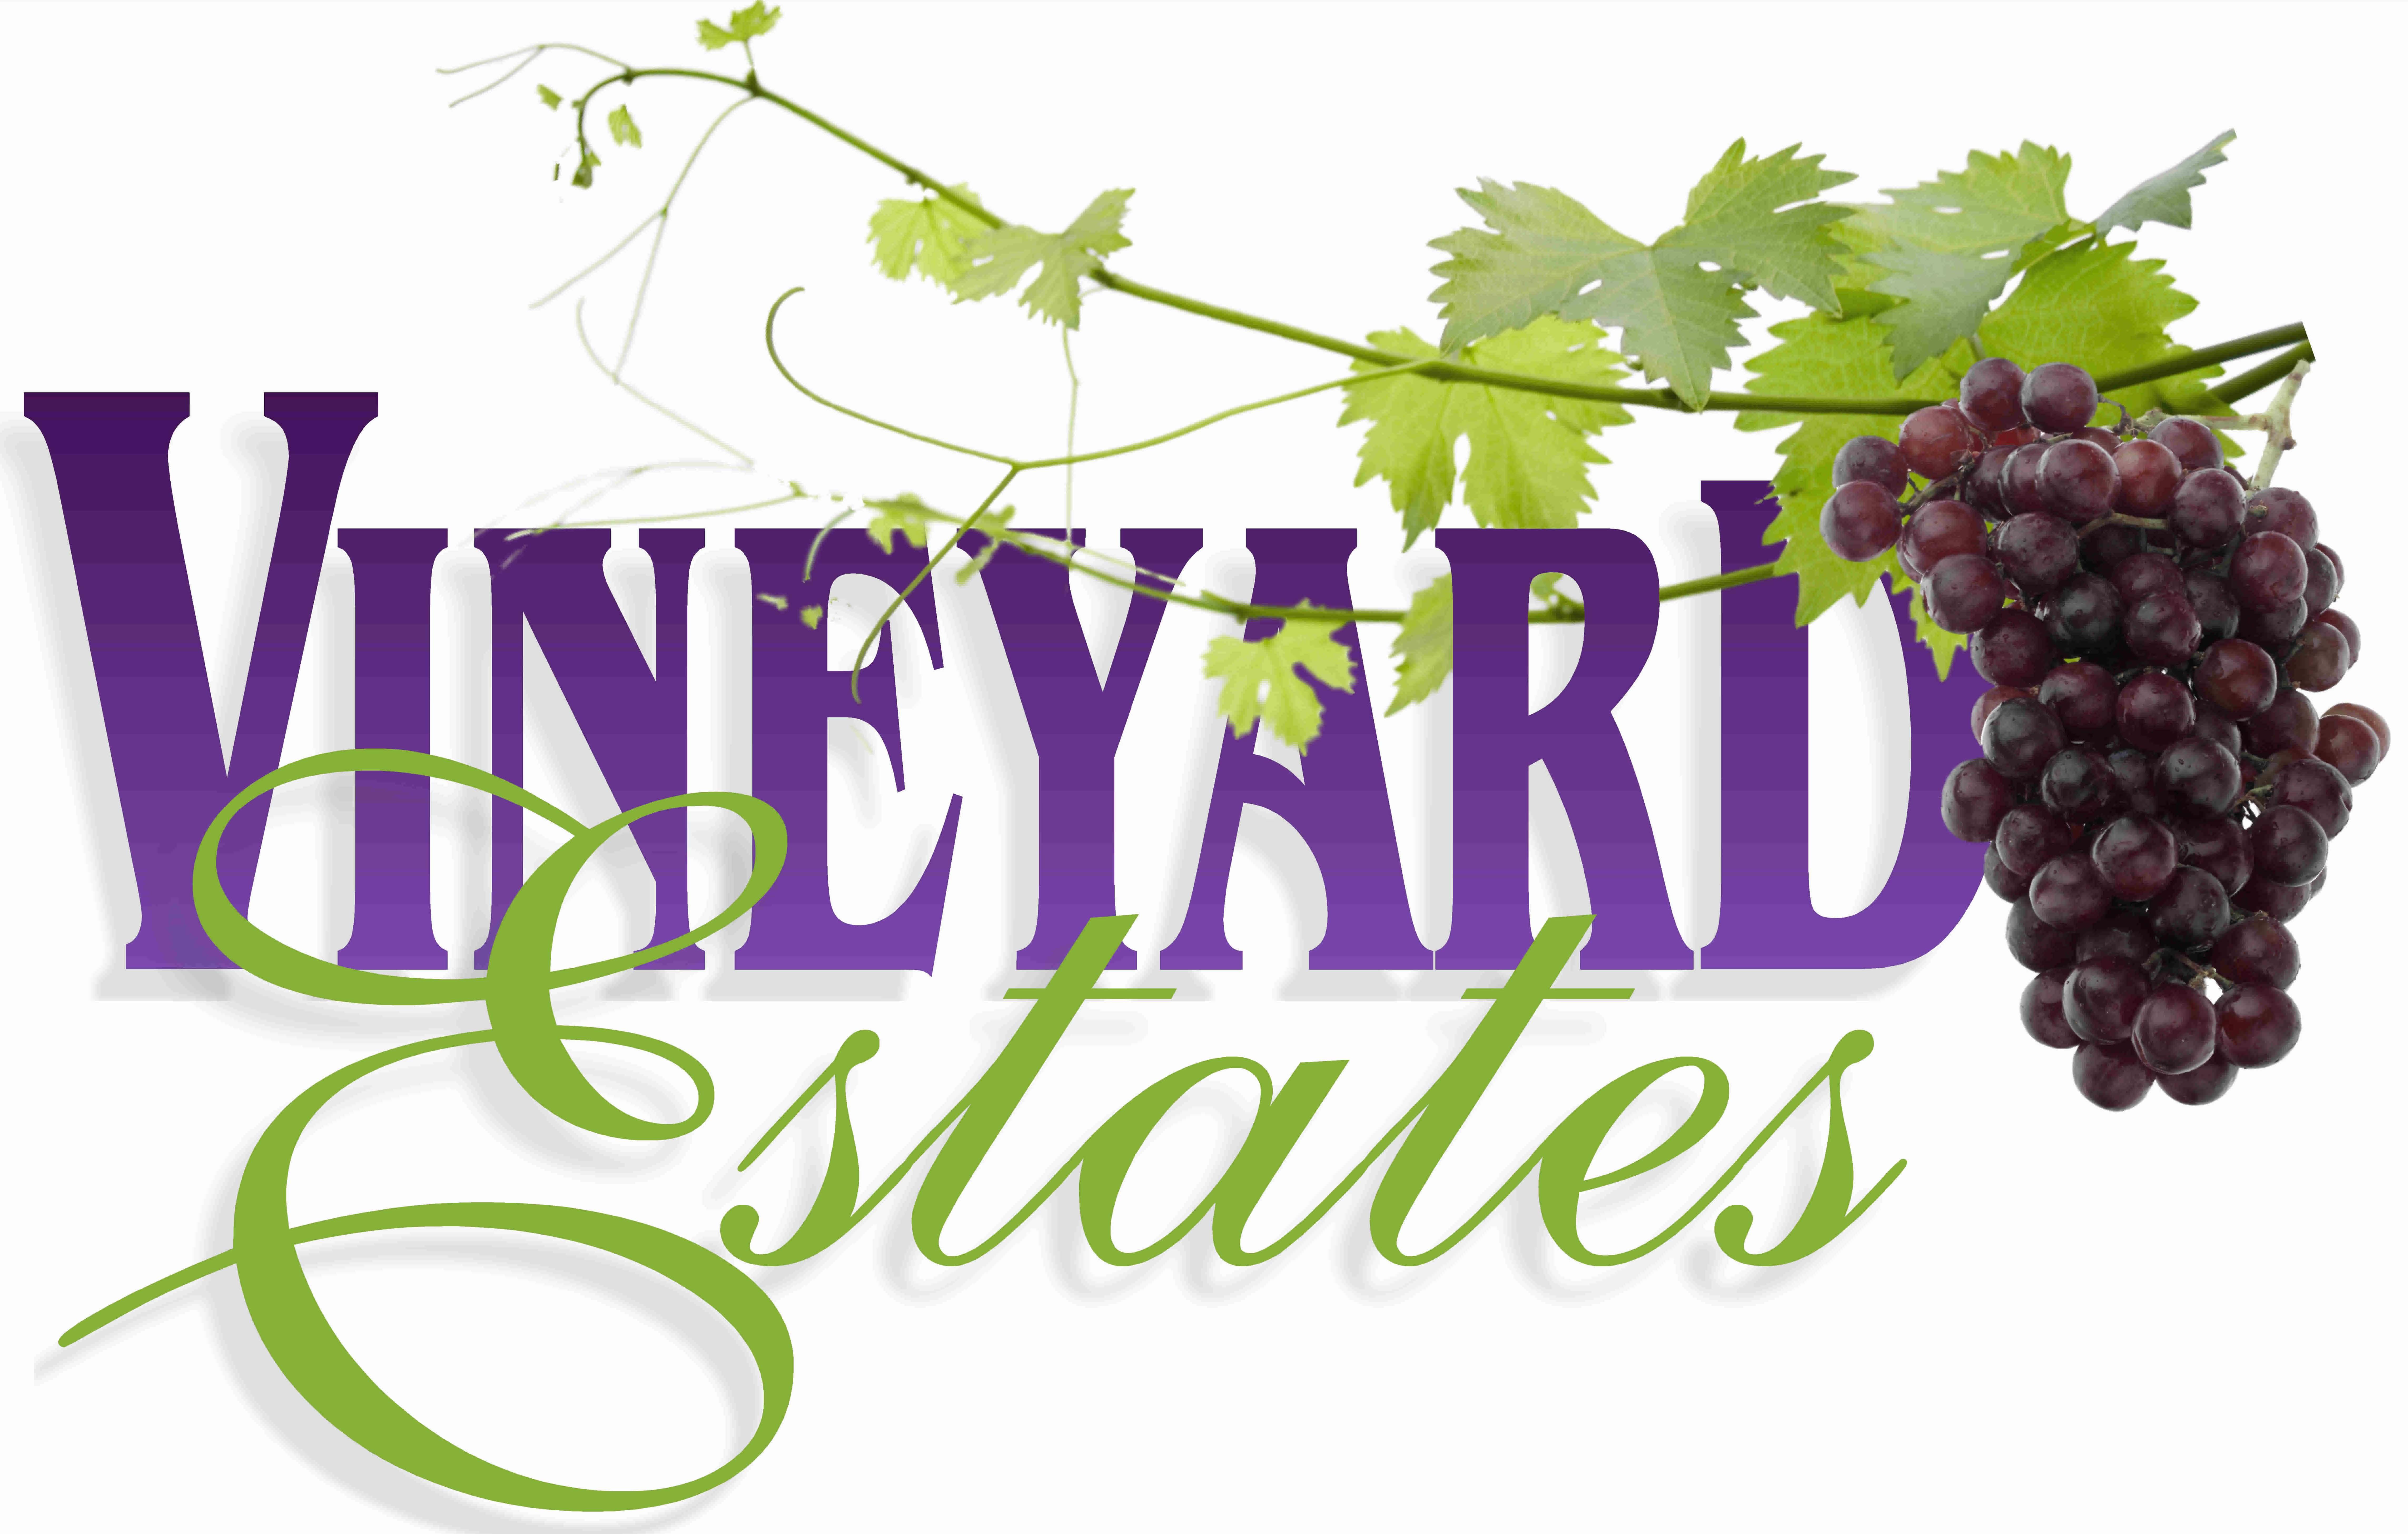 Vineyard Estates logo